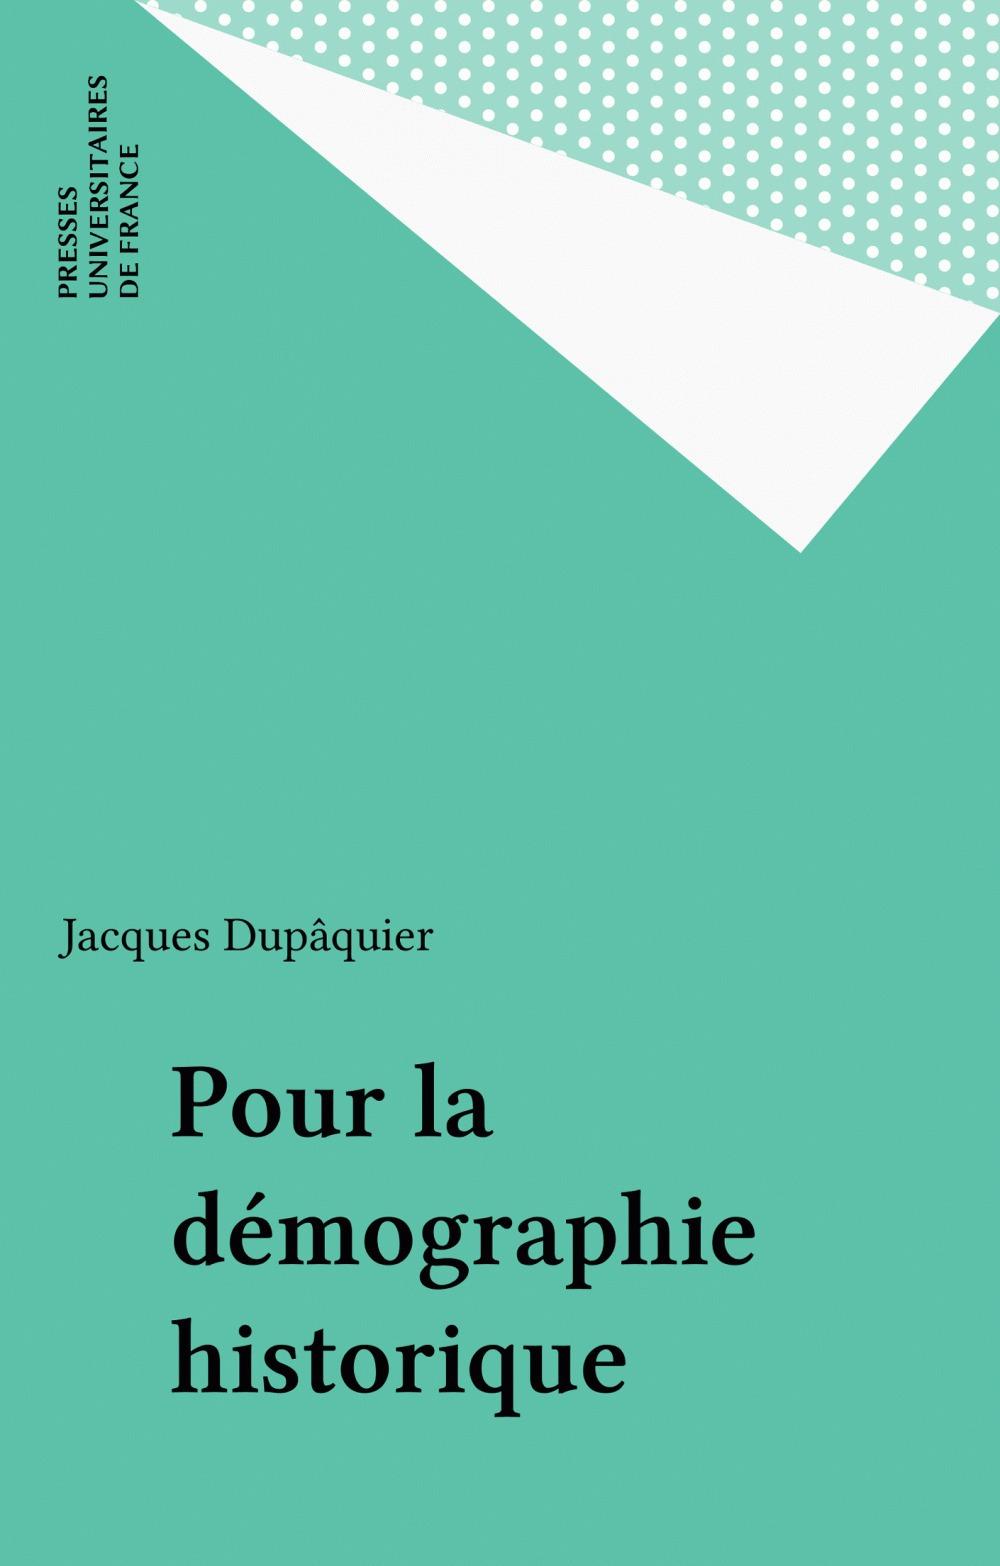 Pour la demographie historique